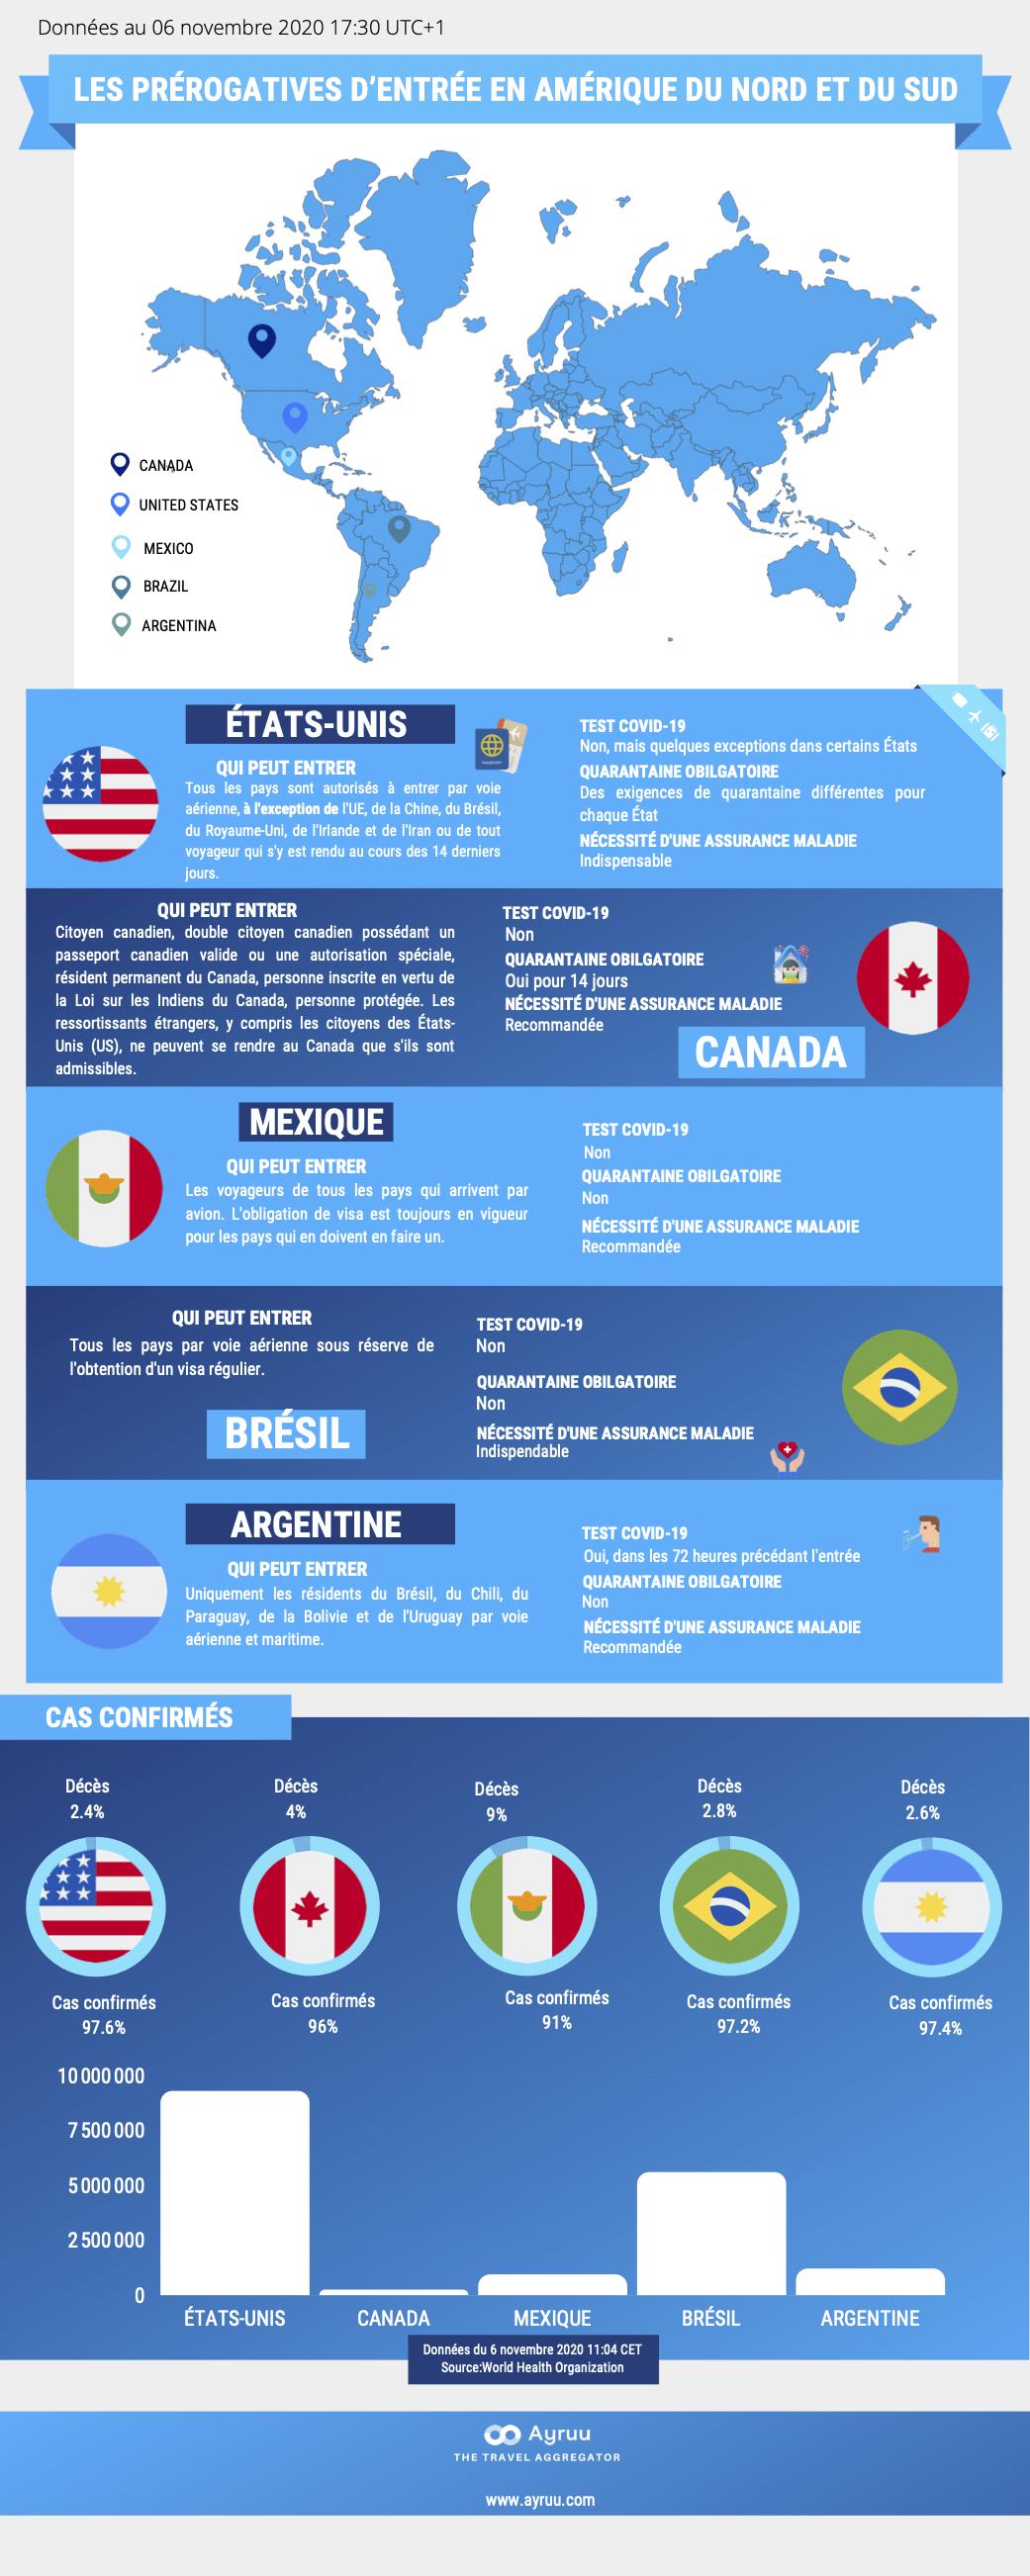 Infographie Les prérogatives d'entrée en Amérique du Nord et du Sud Ayruu